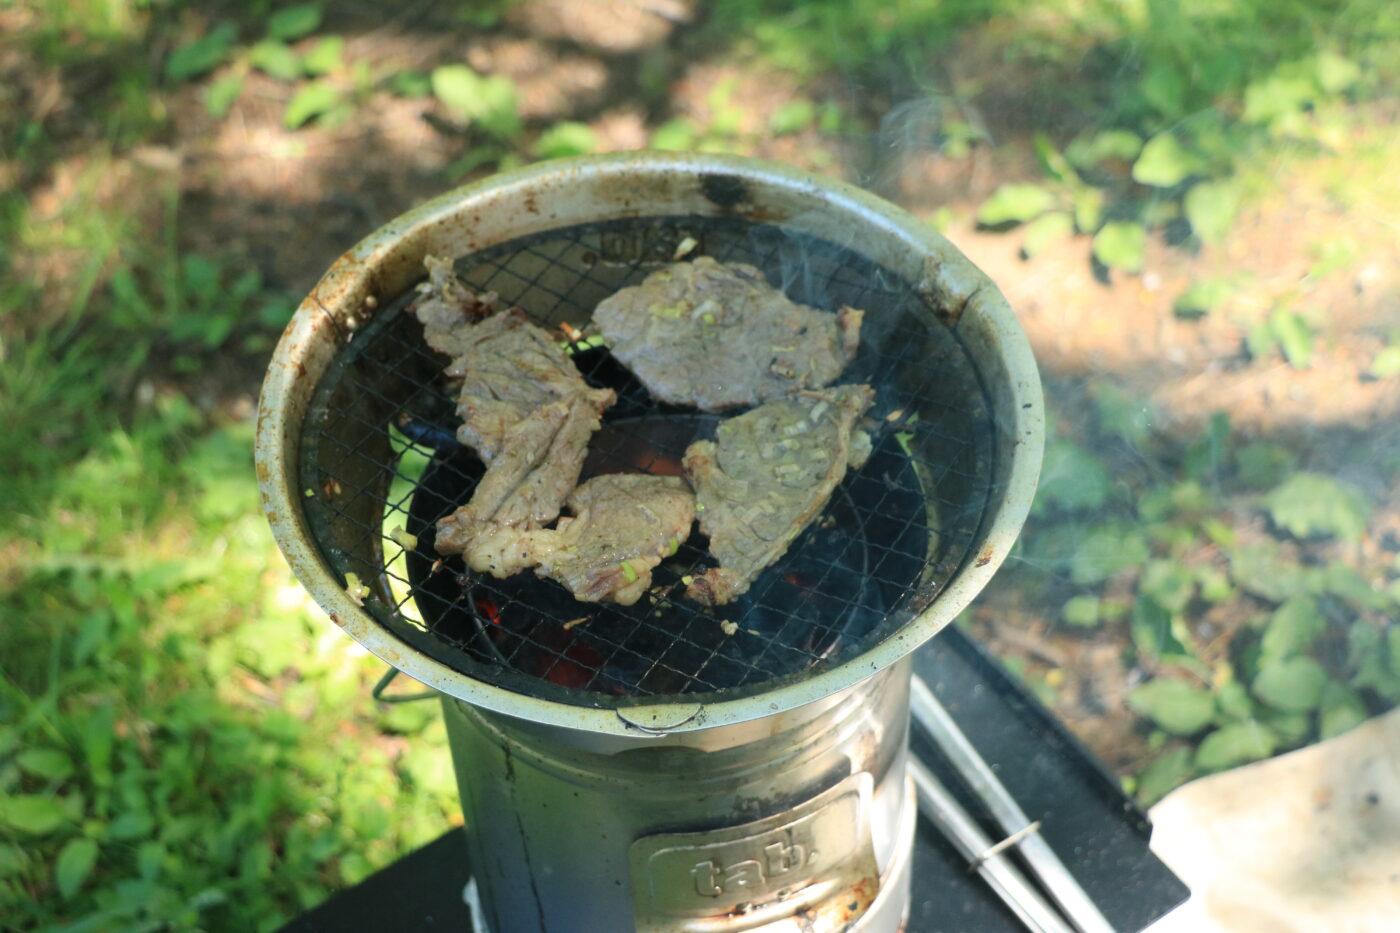 tab.マルチに使える缶ストーブはオプションパーツを使えば最高の焼き肉BBQ体験をもたらしてくれる。最高。